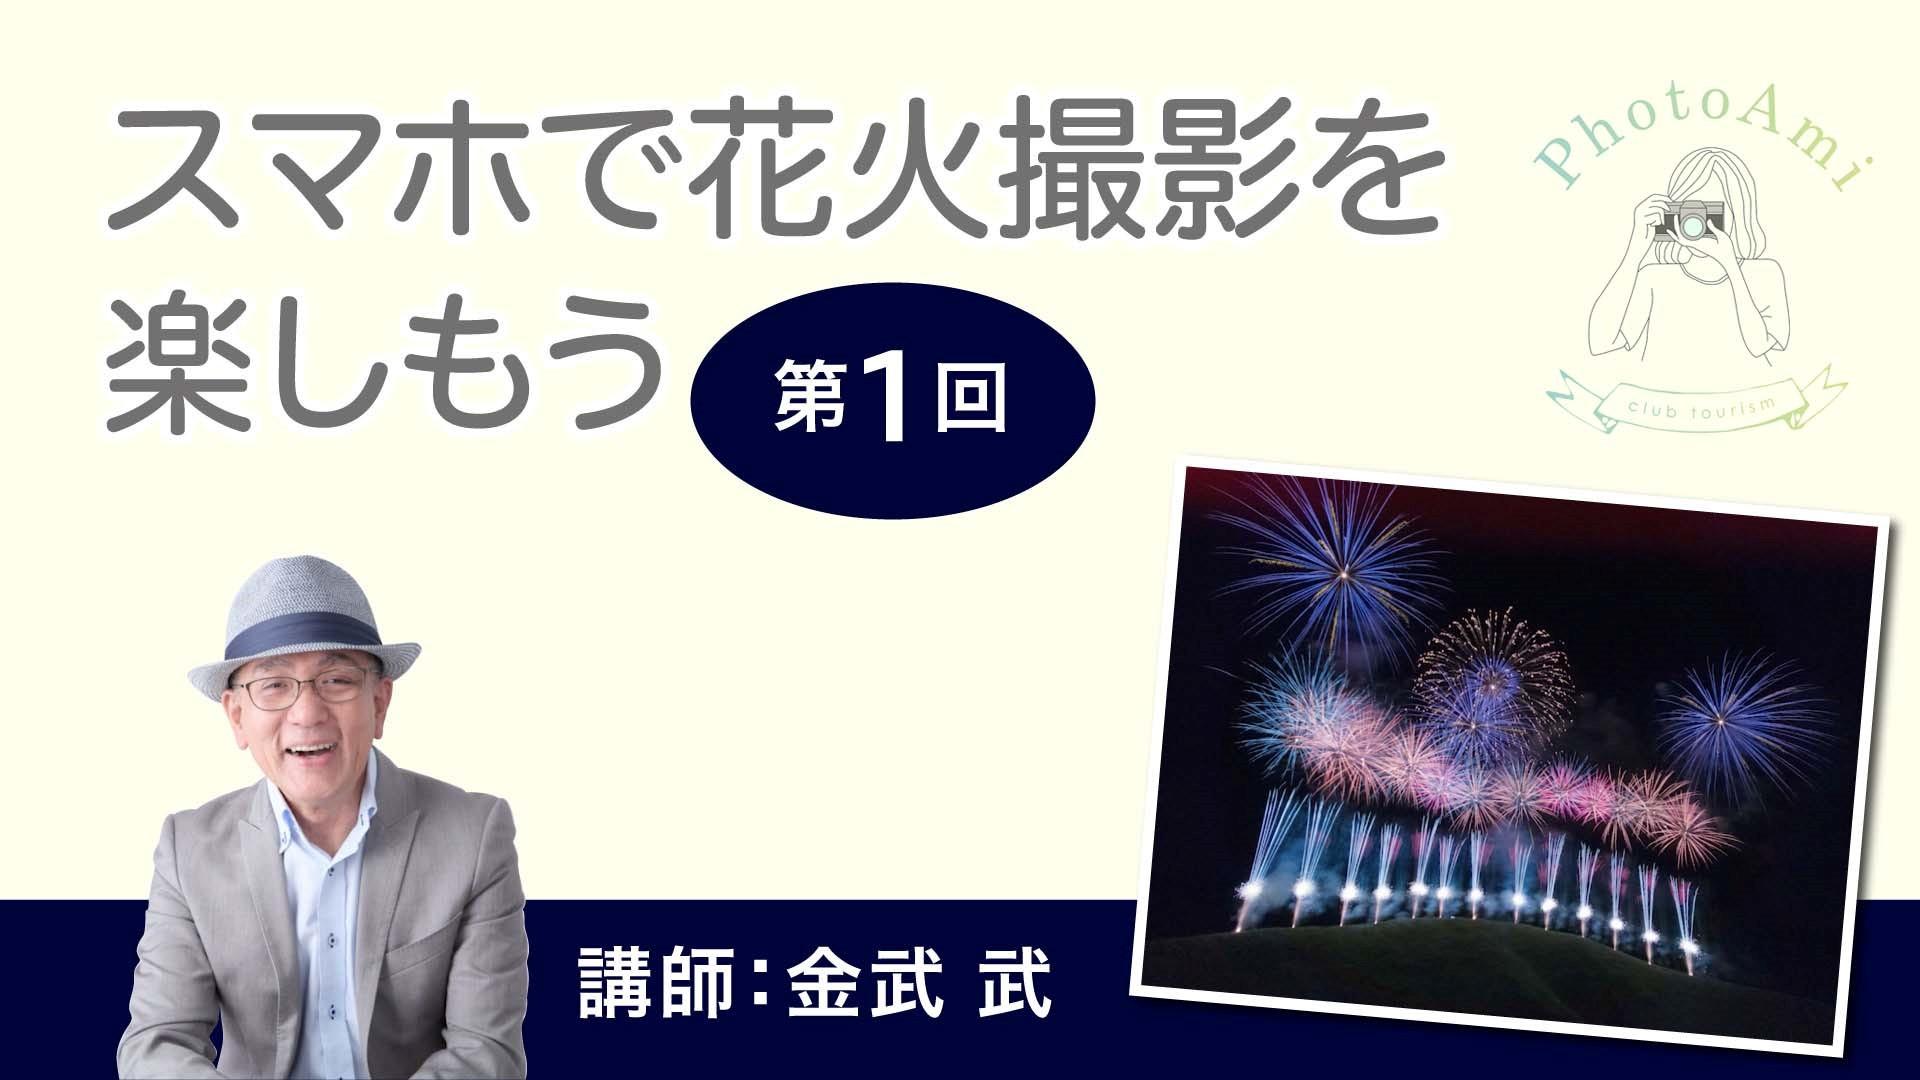 【写真】花火撮影について学ぶ /第1回 スマホで花火撮影を楽しもう